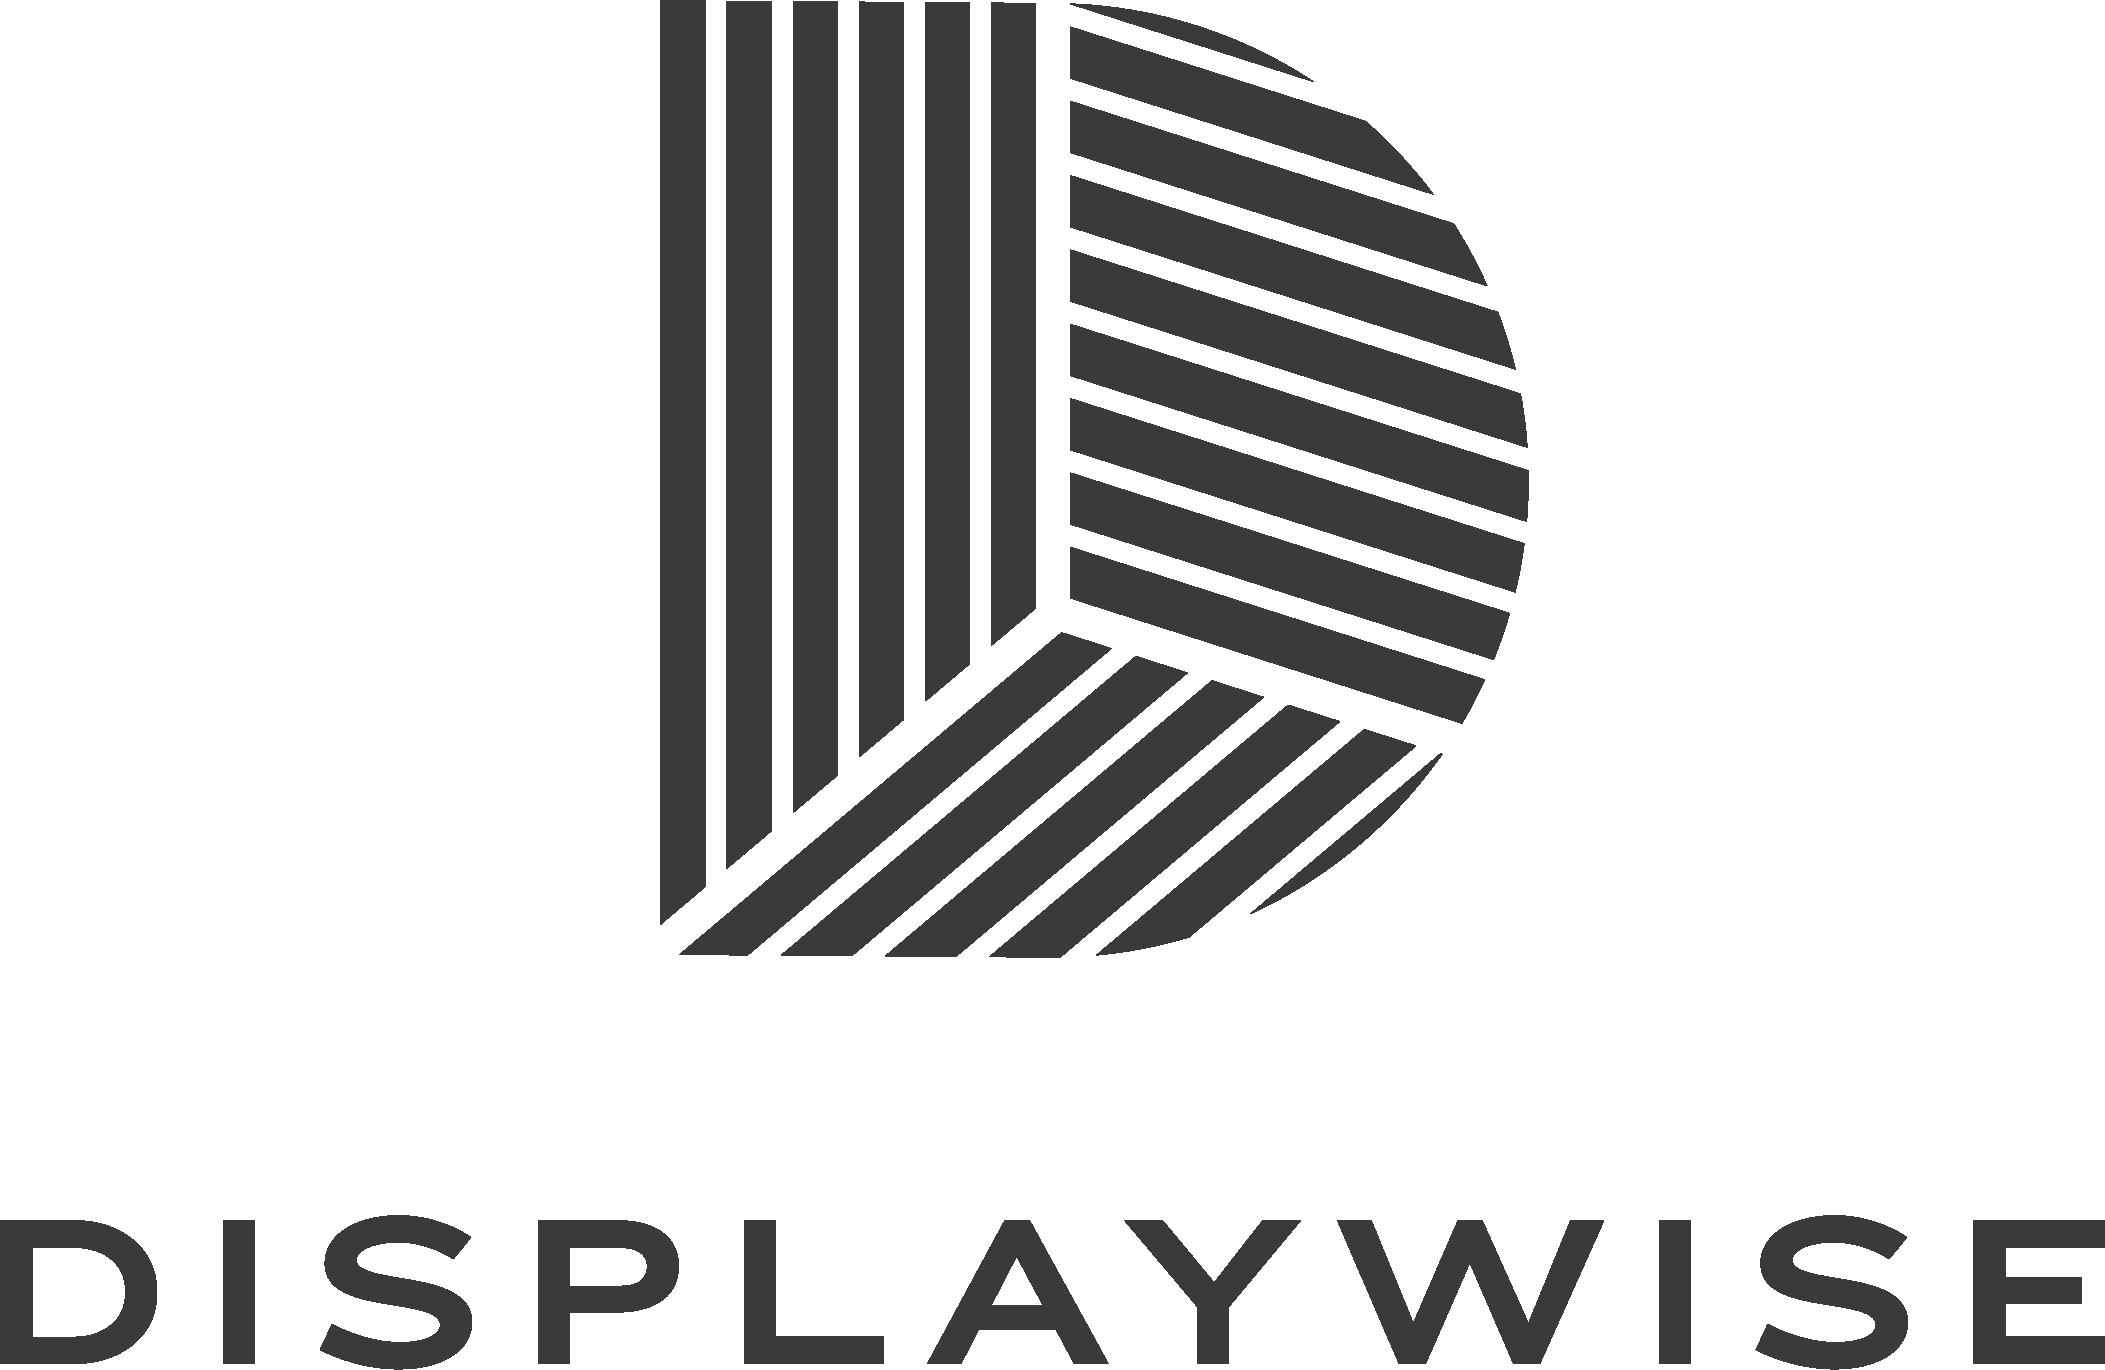 Displaywise_Logo_Pos